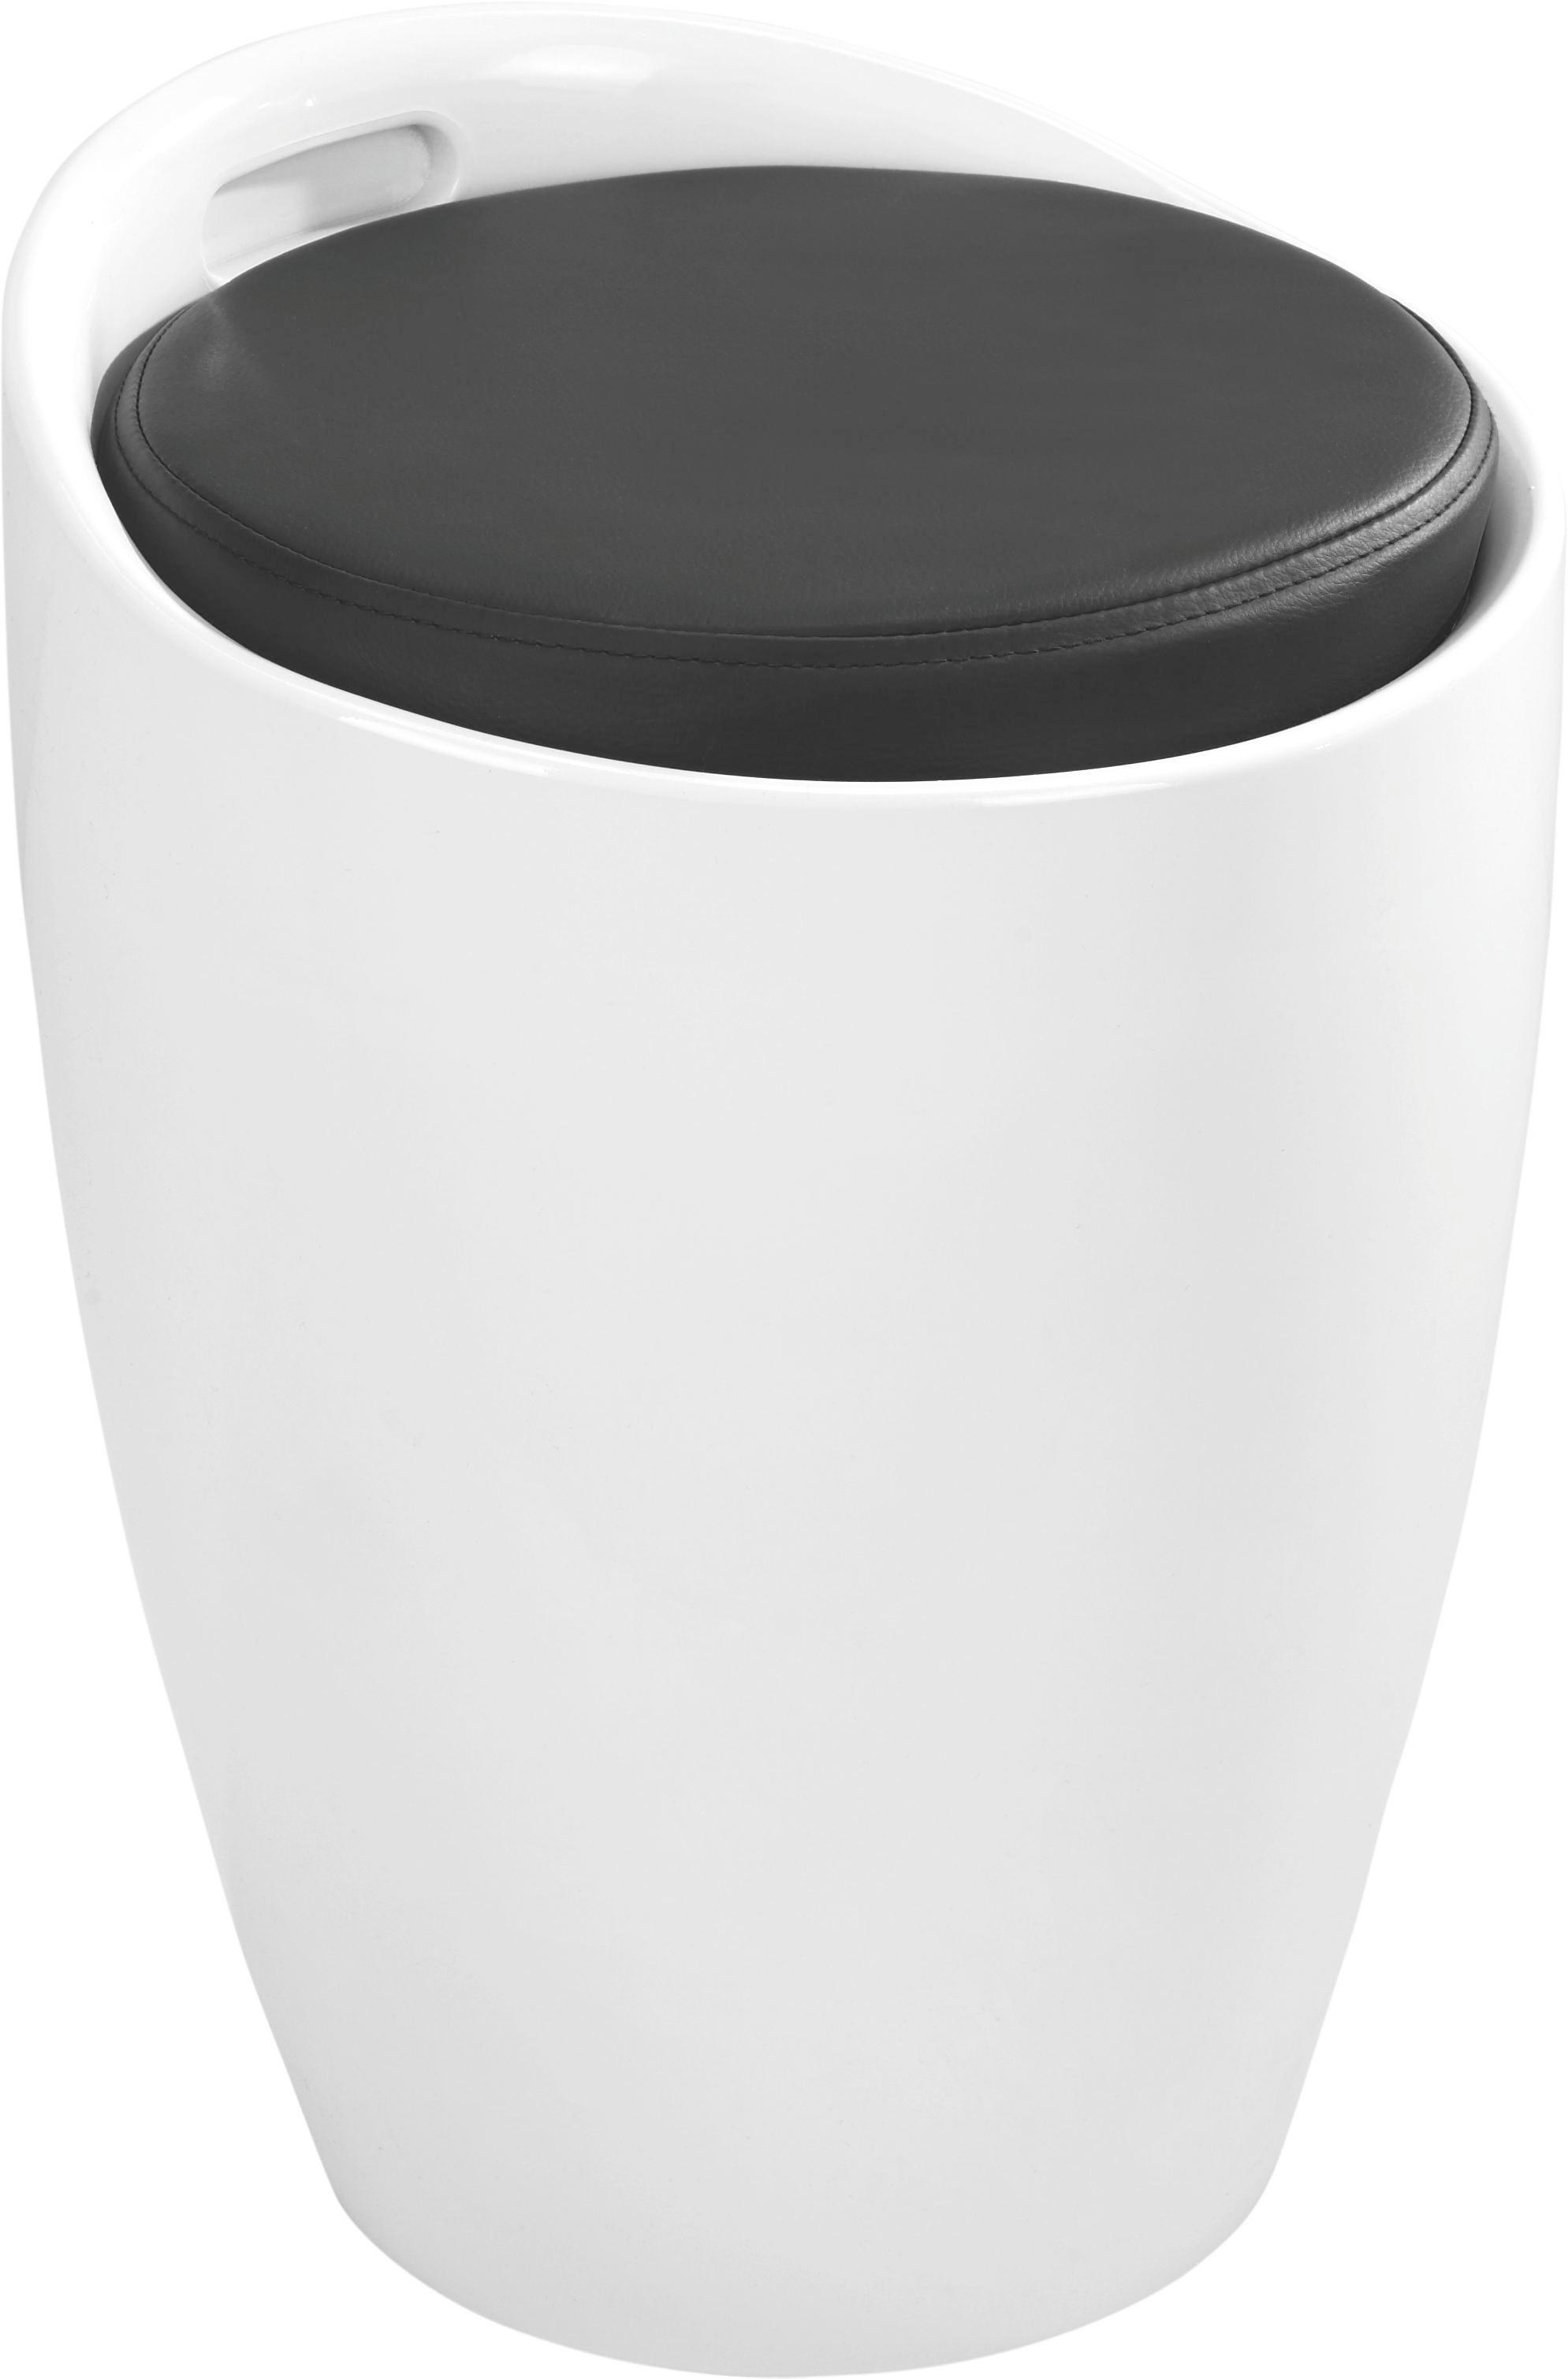 HOCKER Lederlook Schwarz, Weiß - Schwarz/Weiß, Design, Kunststoff/Textil (35.5/51/35.5cm)